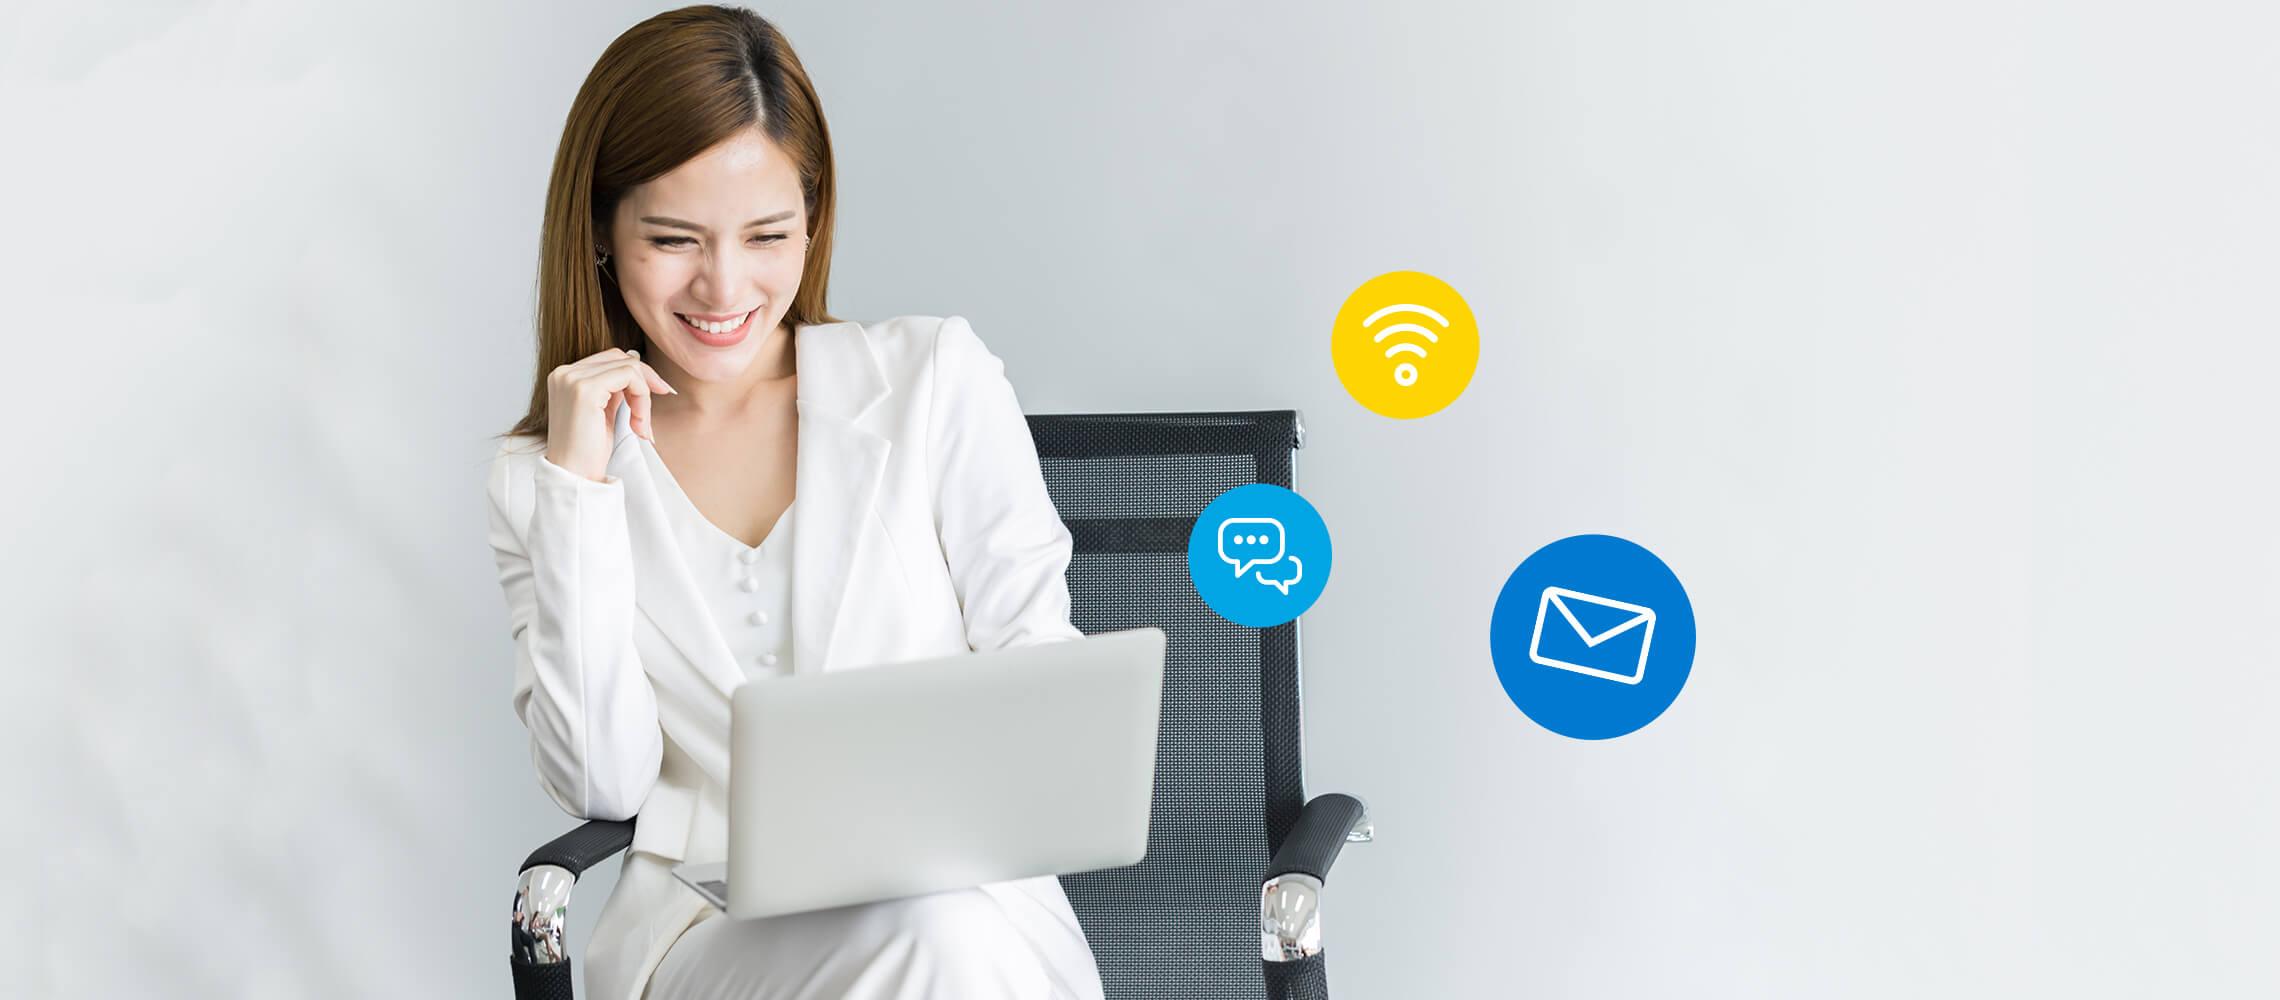 Mobile-Office-Call-(VPBX)-Banner